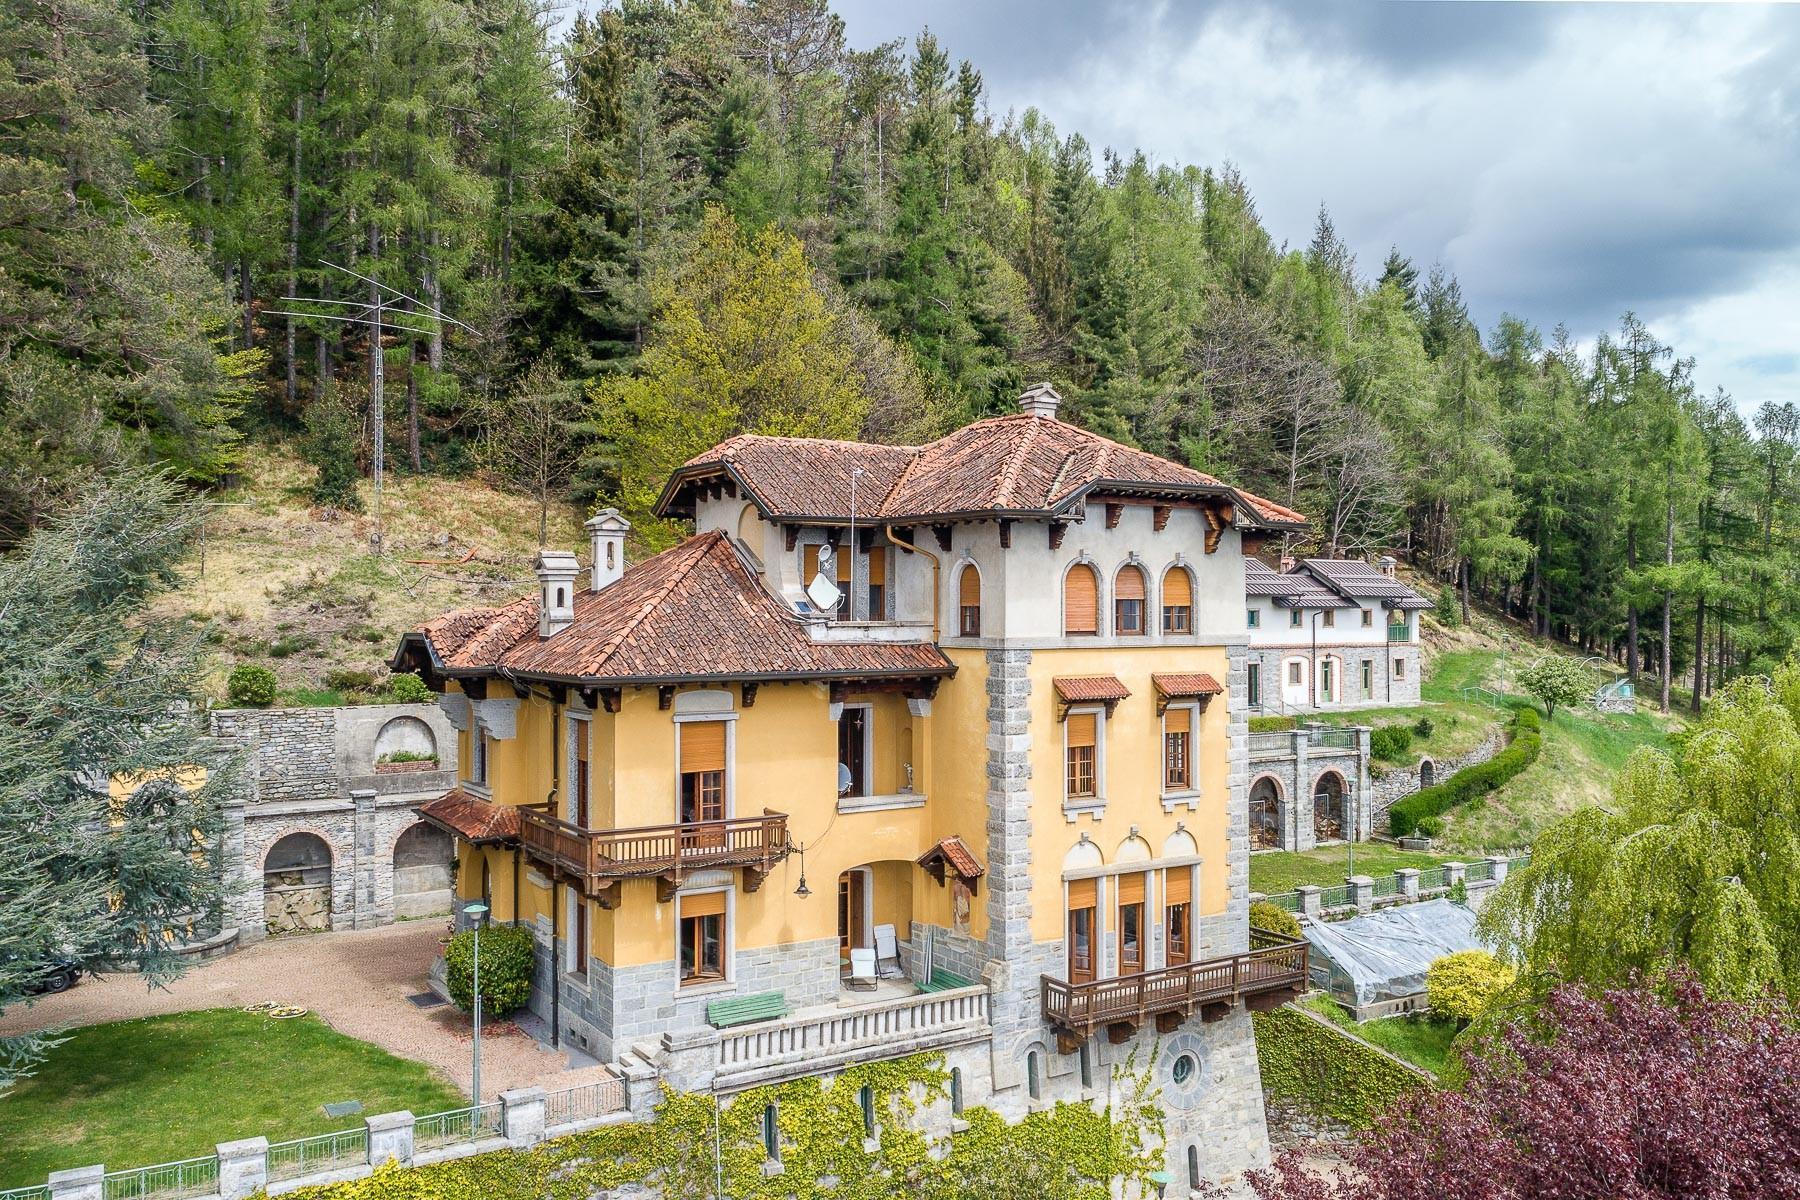 Historische Villa im jahrhundertalten Park am Lago Maggiore - 10